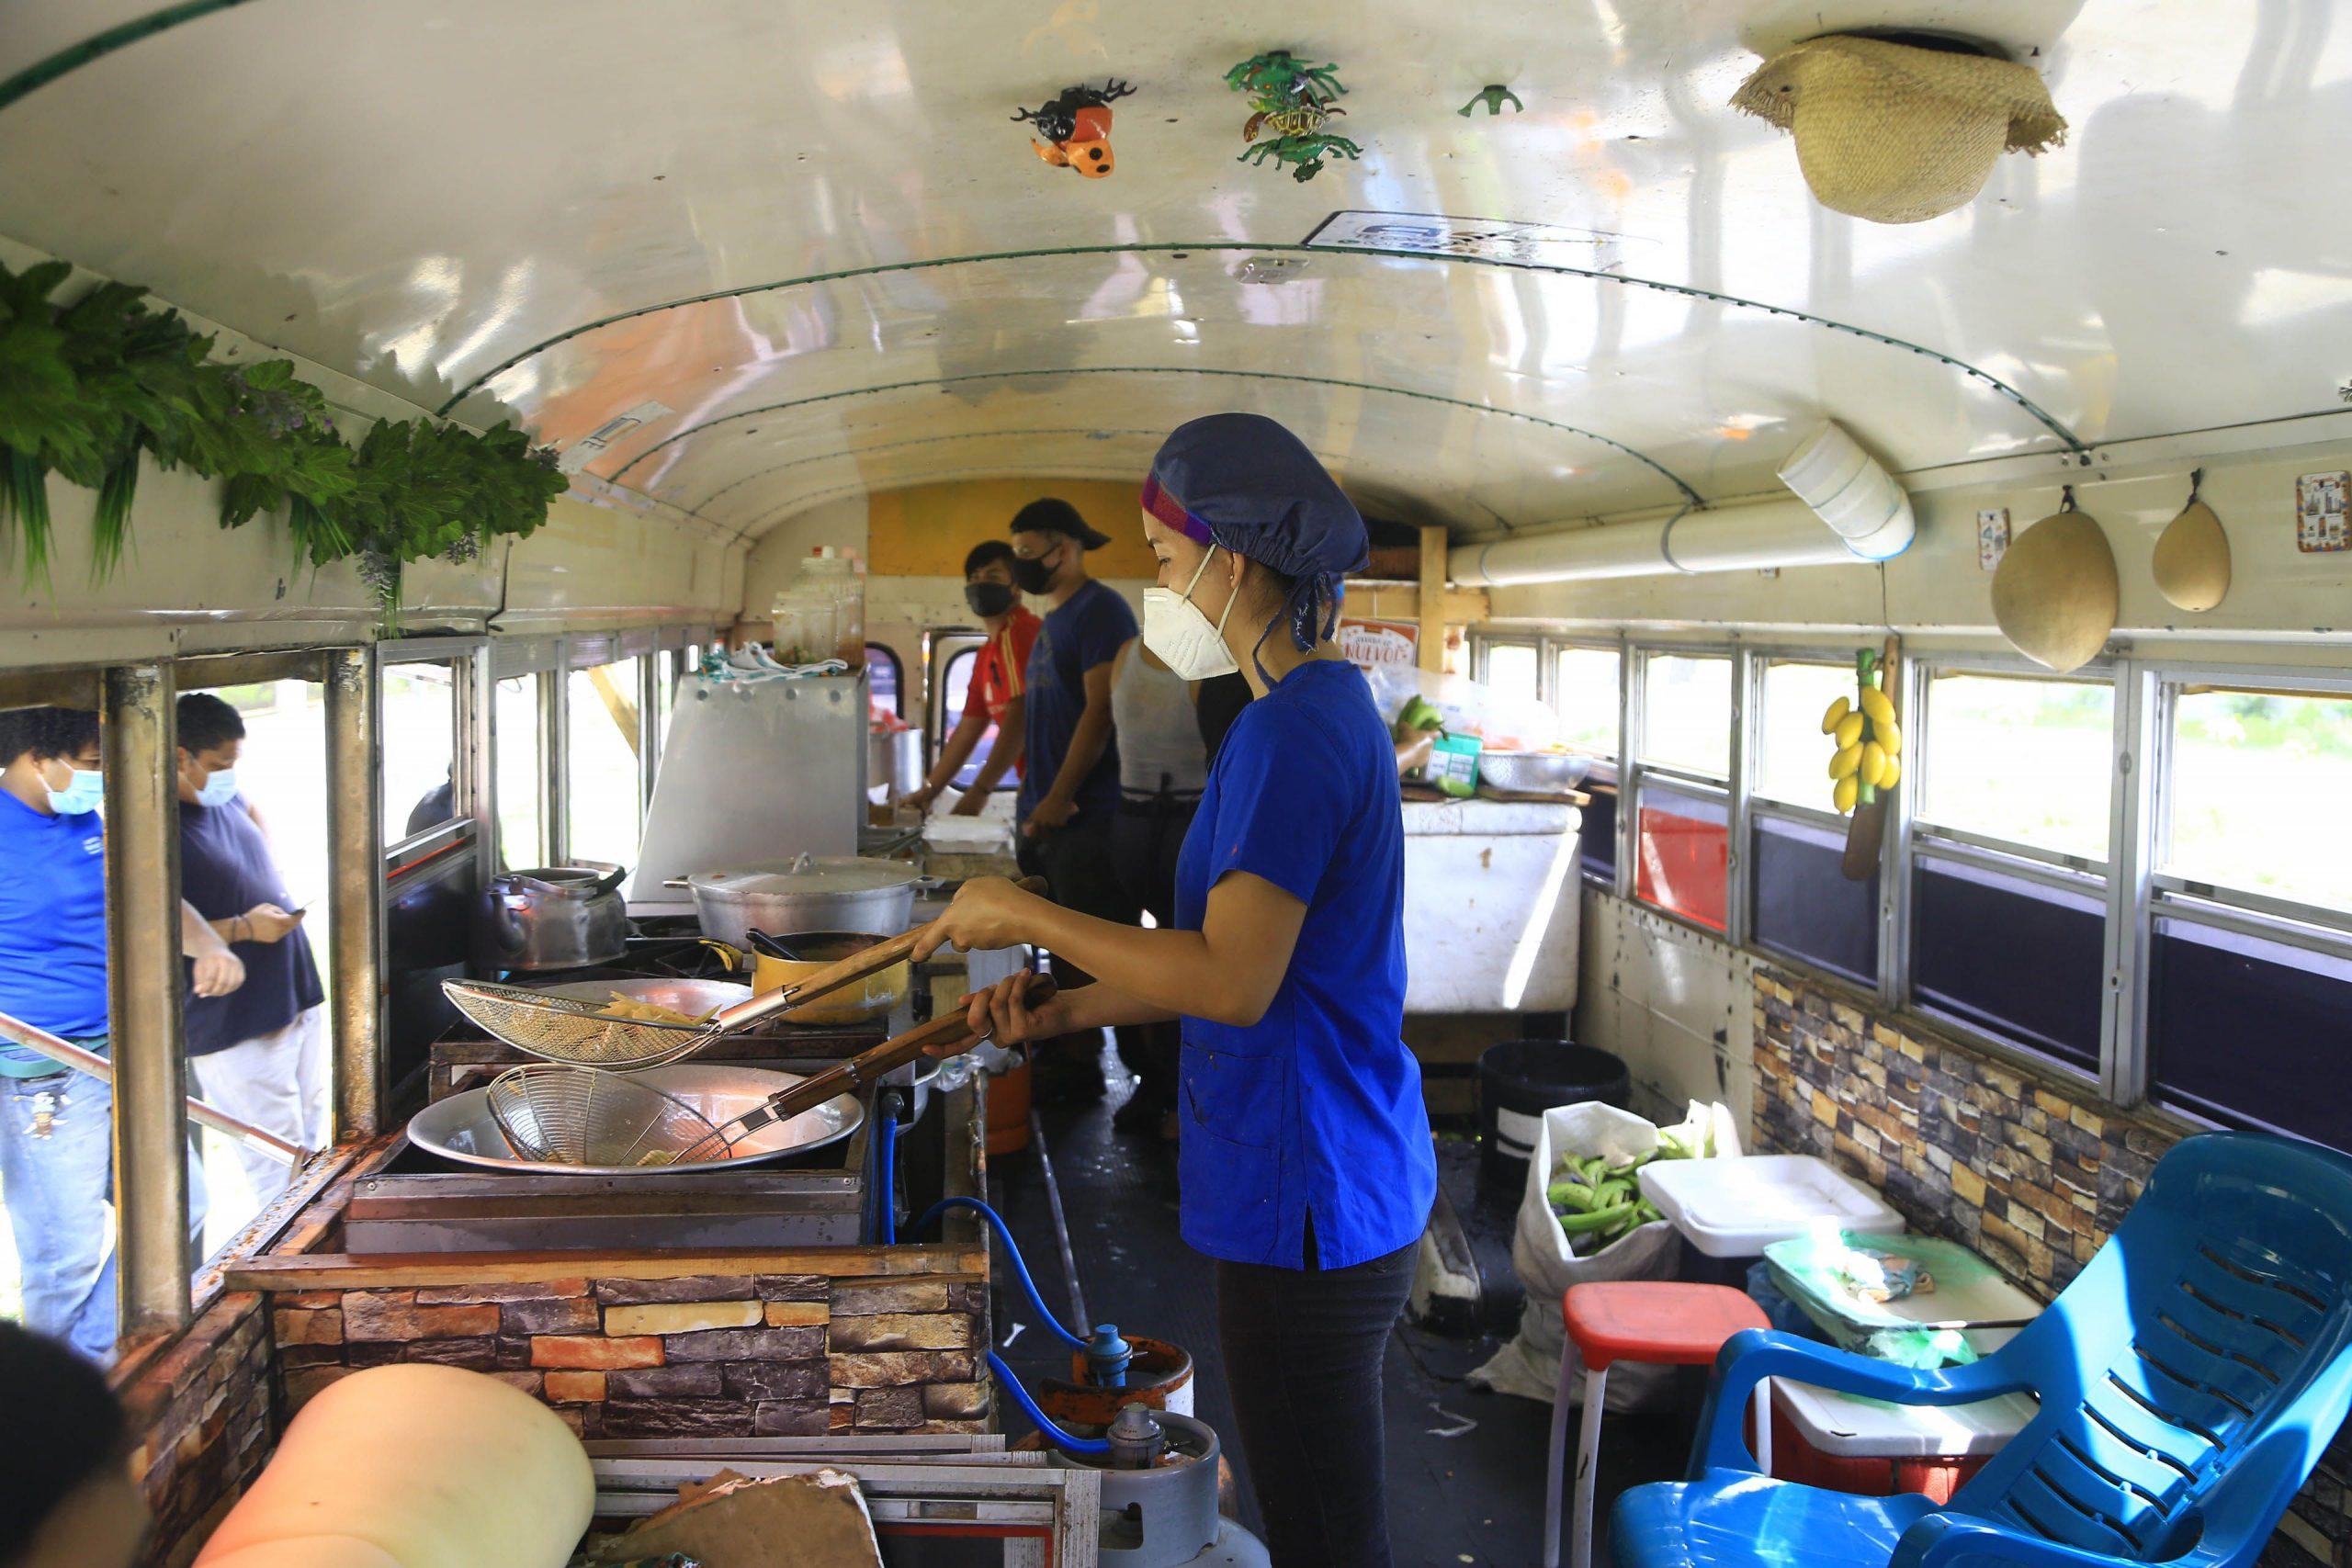 Restaurante móvil El Gordo Feliz reabre sus puertas a los hondureños